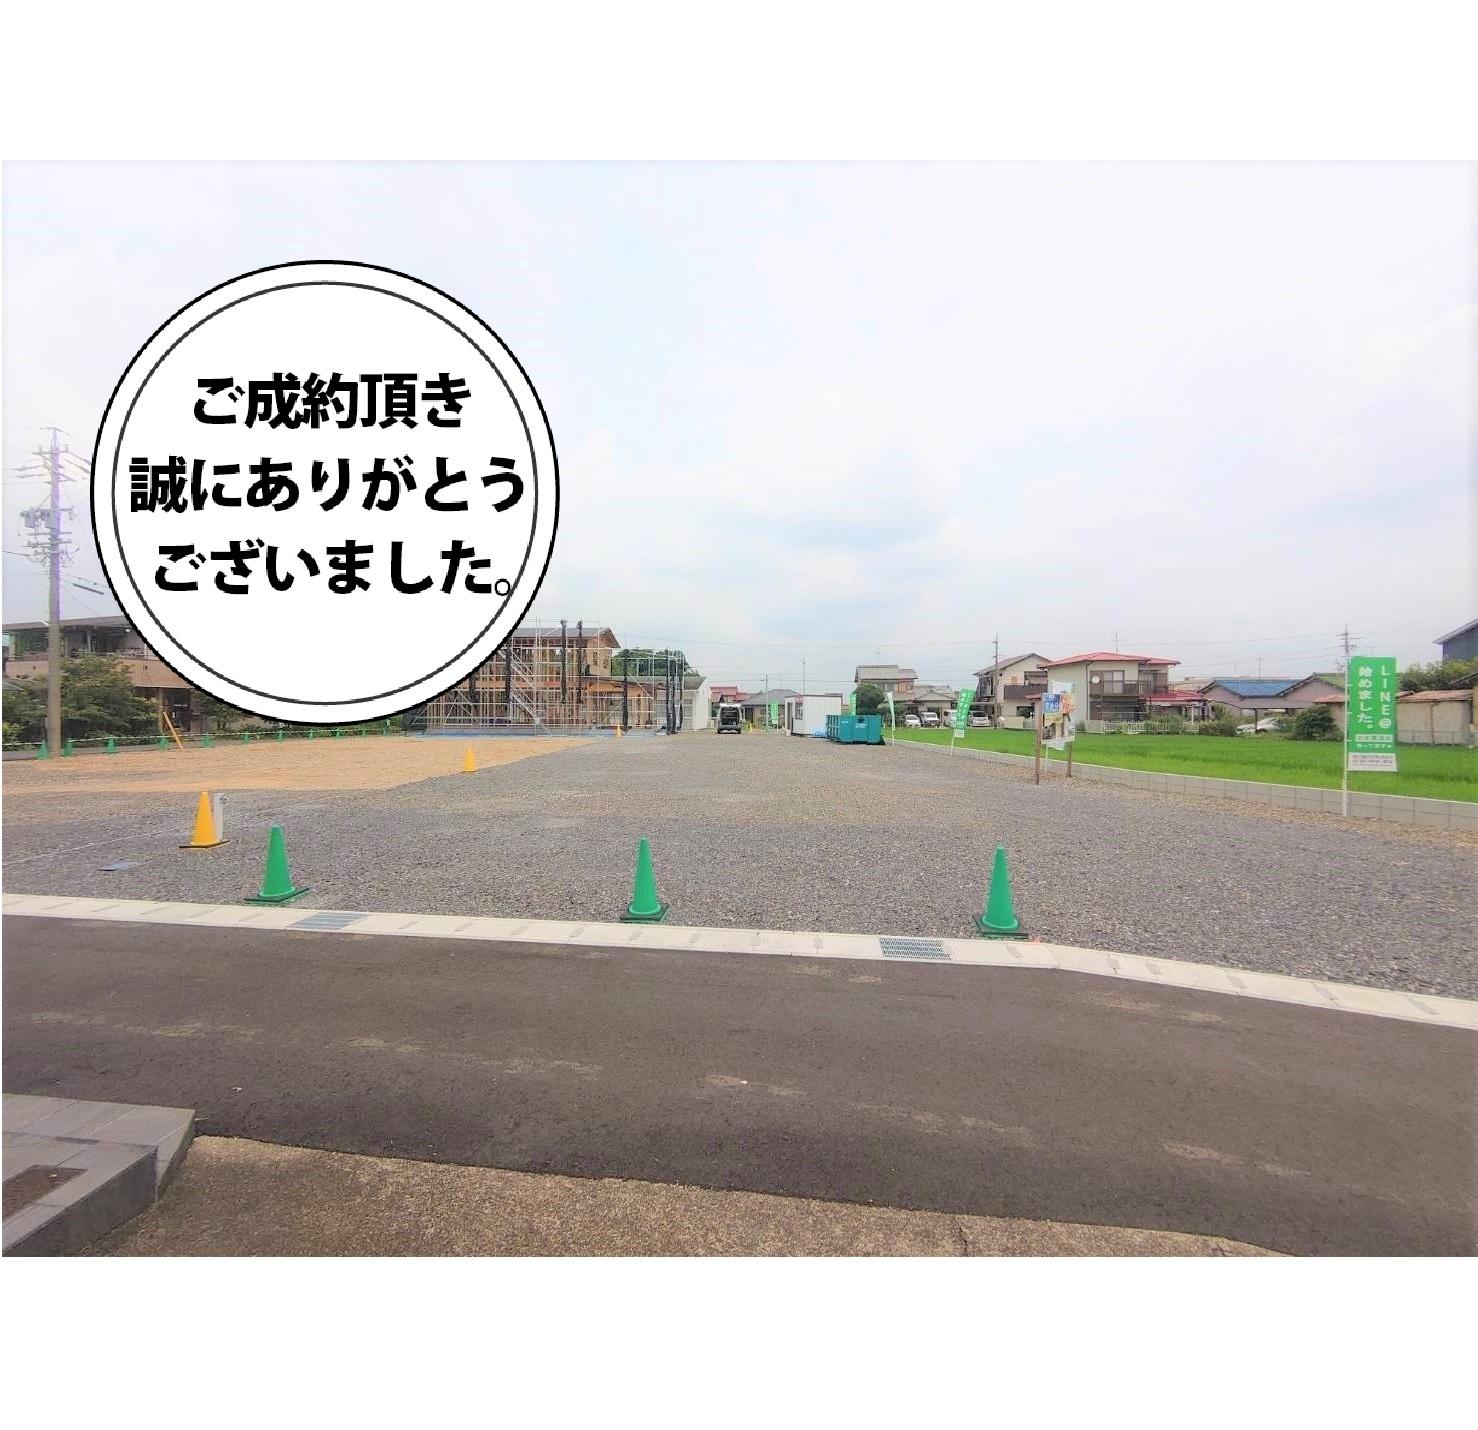 ■売地 四ツ家町Ⓑ区画